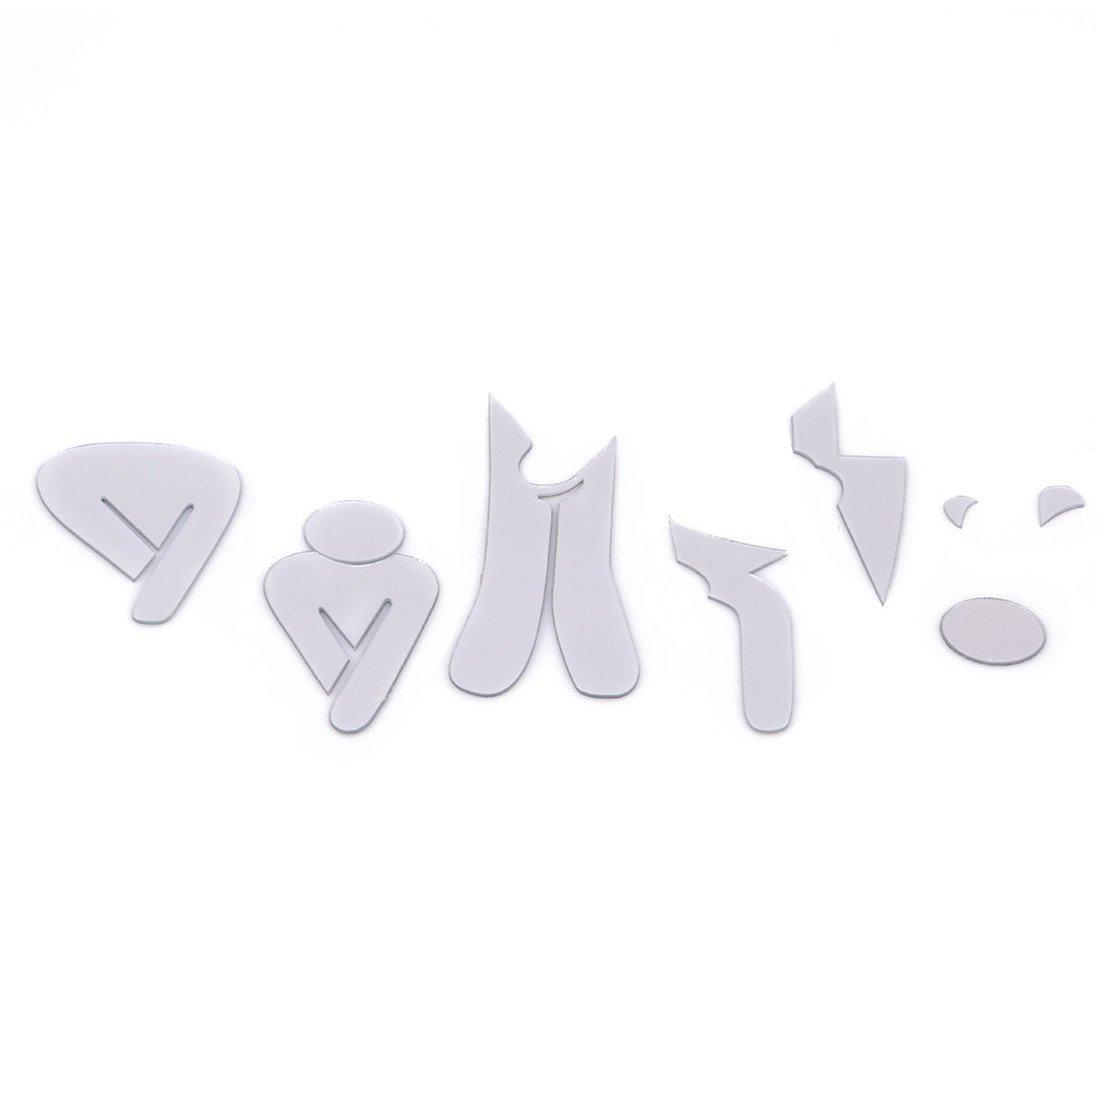 VWH 3D Miroir Surface Autocollant Nom Dr/ôle de Toilette Dentr/ée Signe DIY Toilette Stickers Muraux pour Porte Maison Toilette D/écor Sticker bleu, Style 1